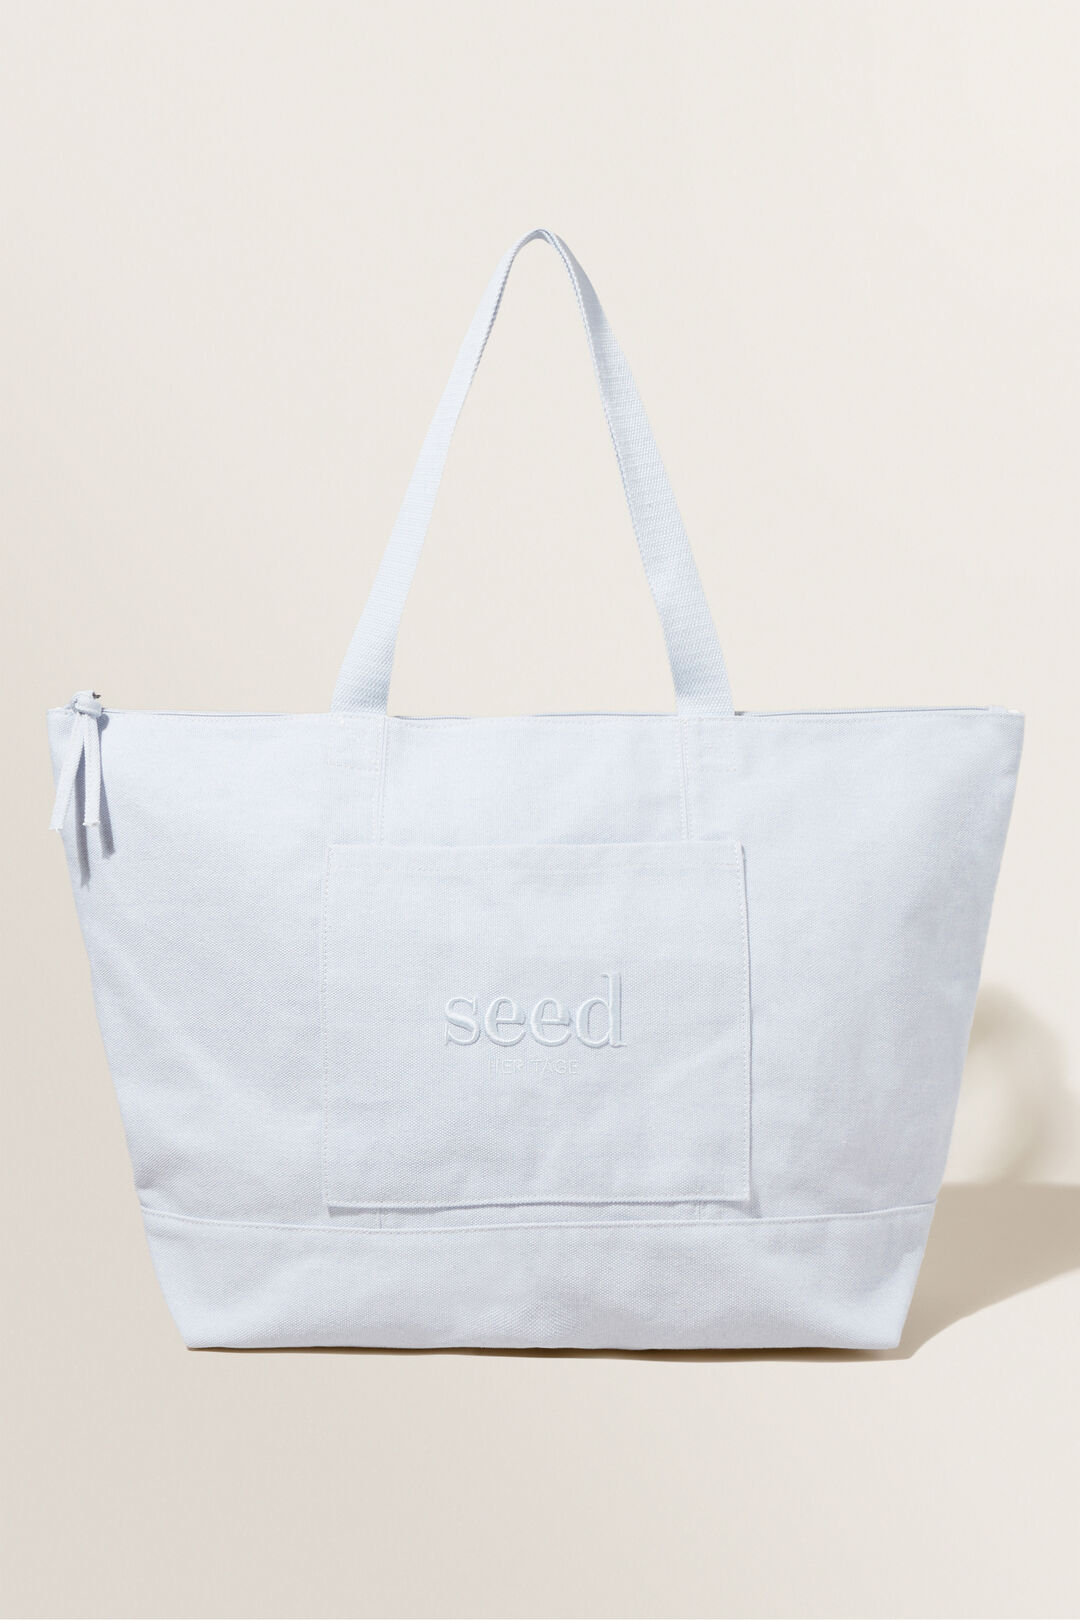 Seed Tote Bag  BABY BLUE  hi-res